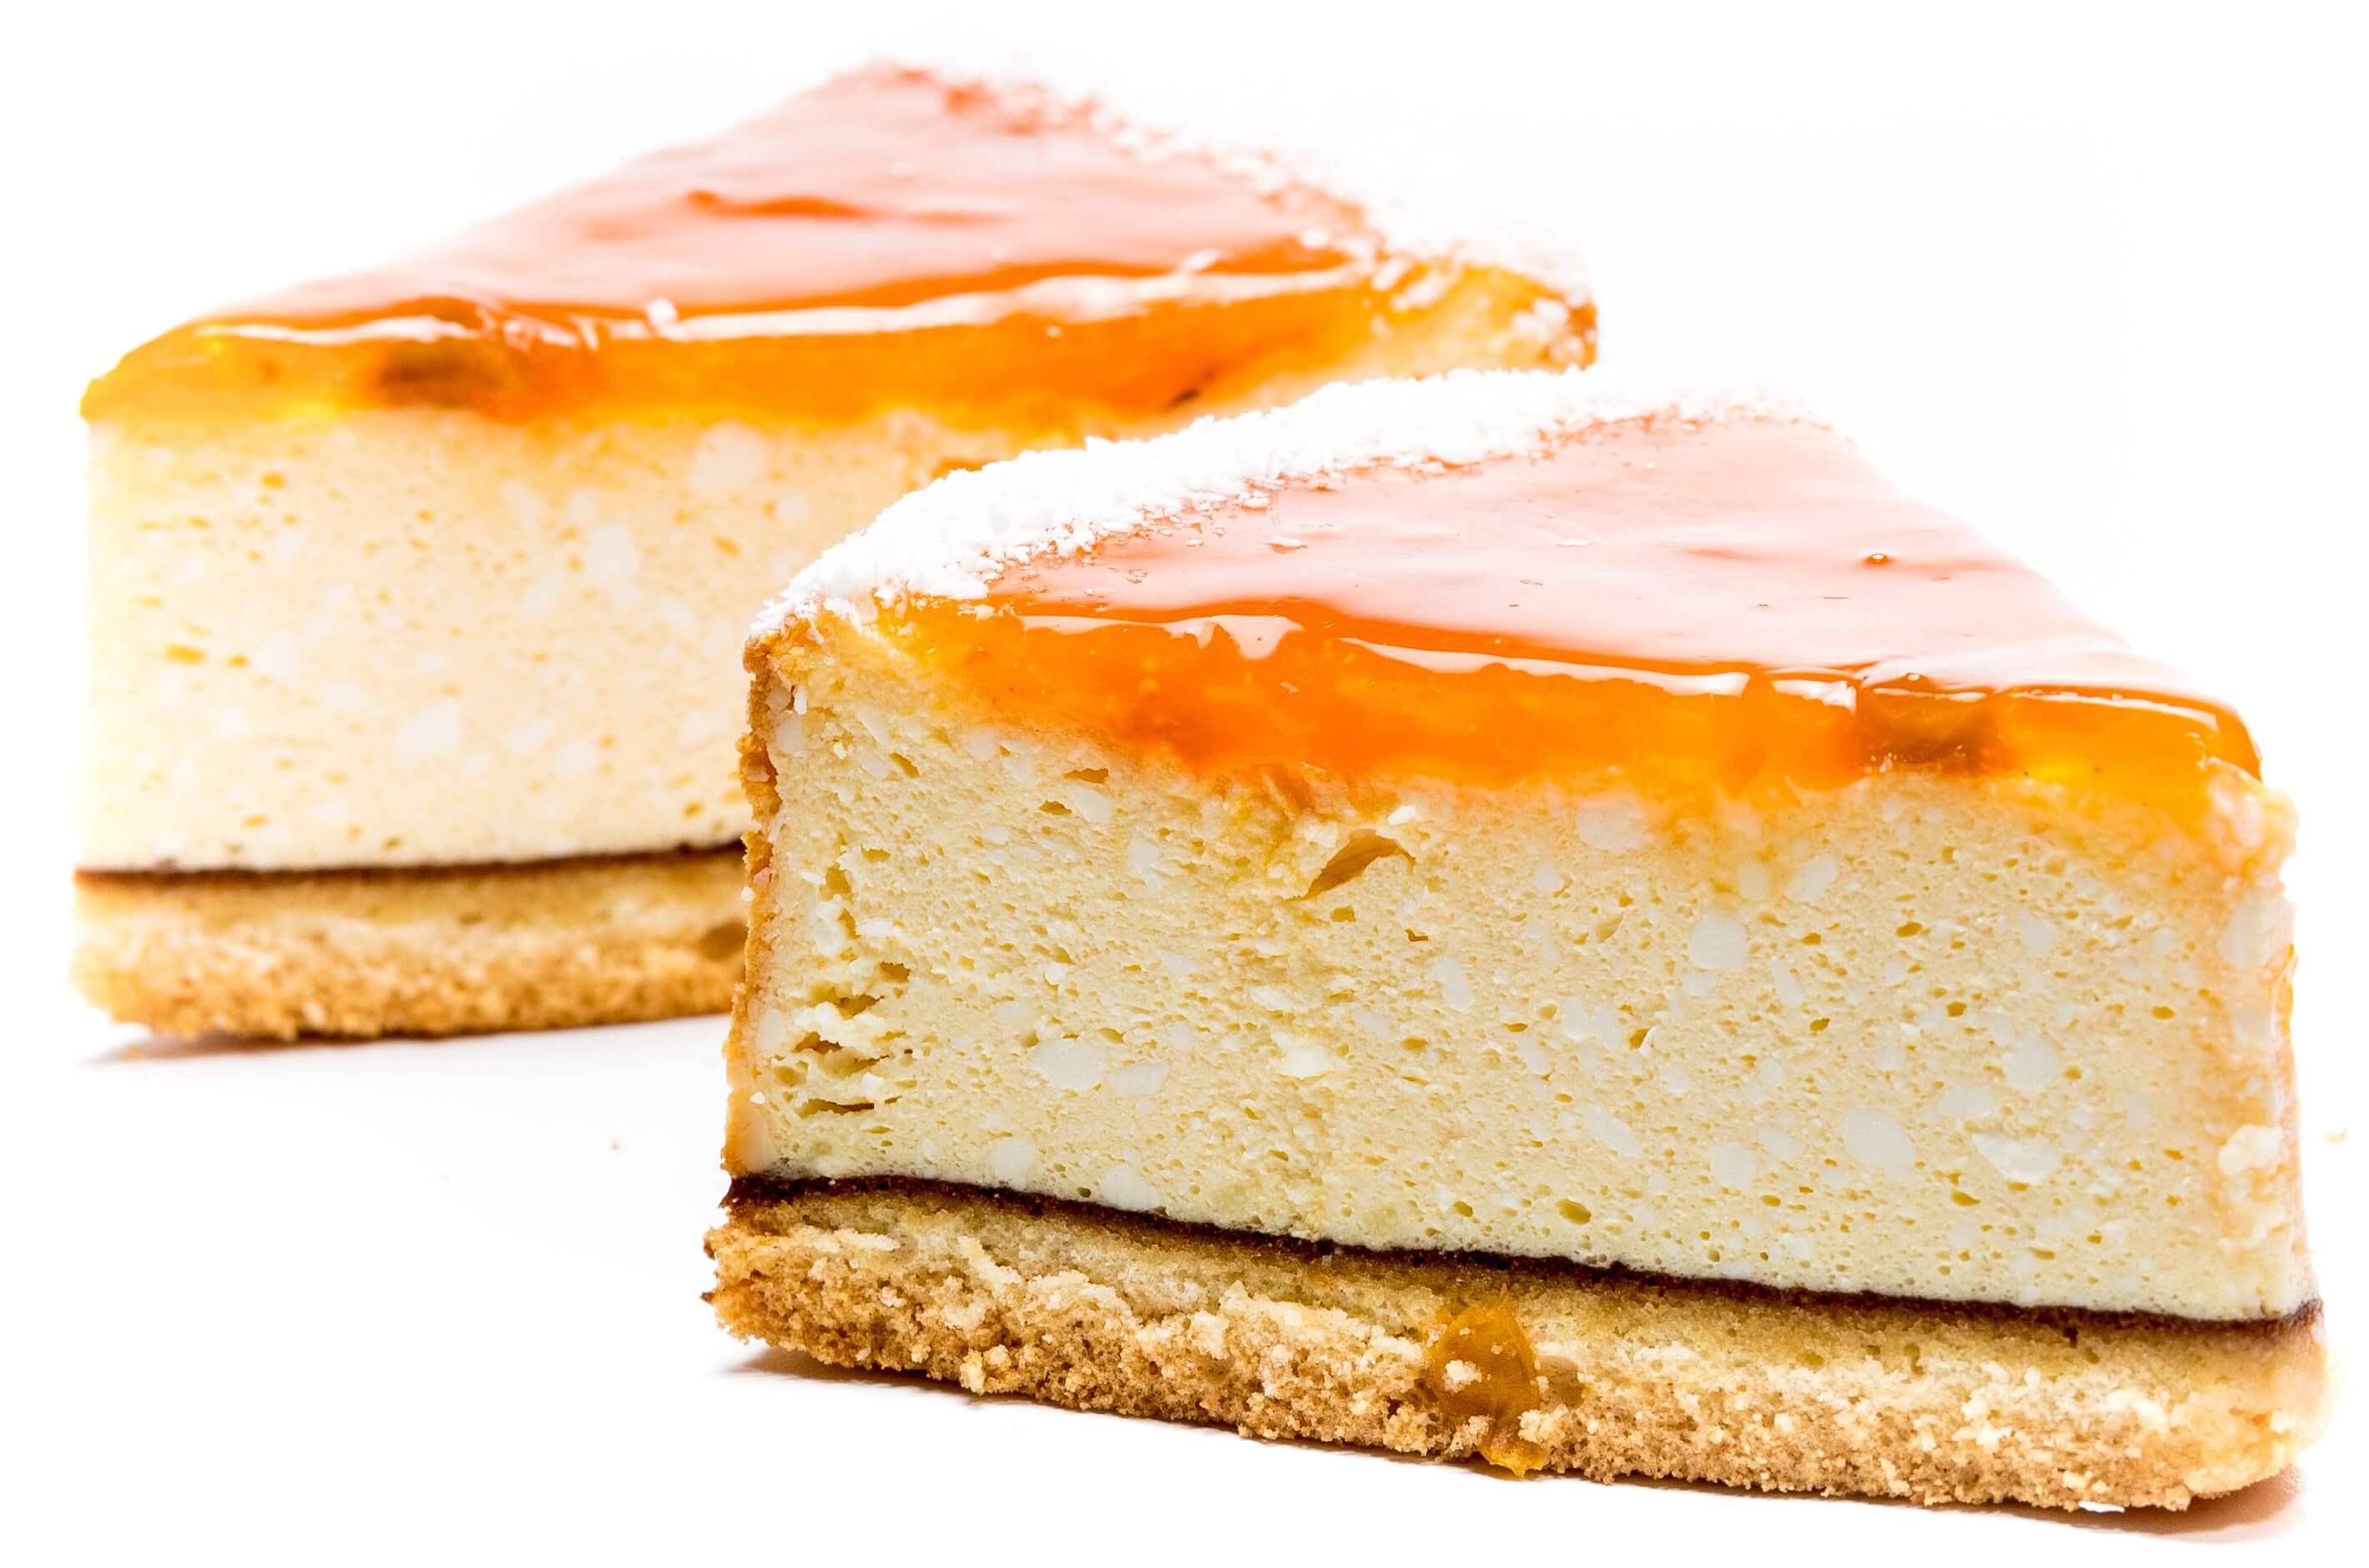 """Тістечко бісквітно-сирне """"Чізкейк зі шматочками персика"""" фото 2"""